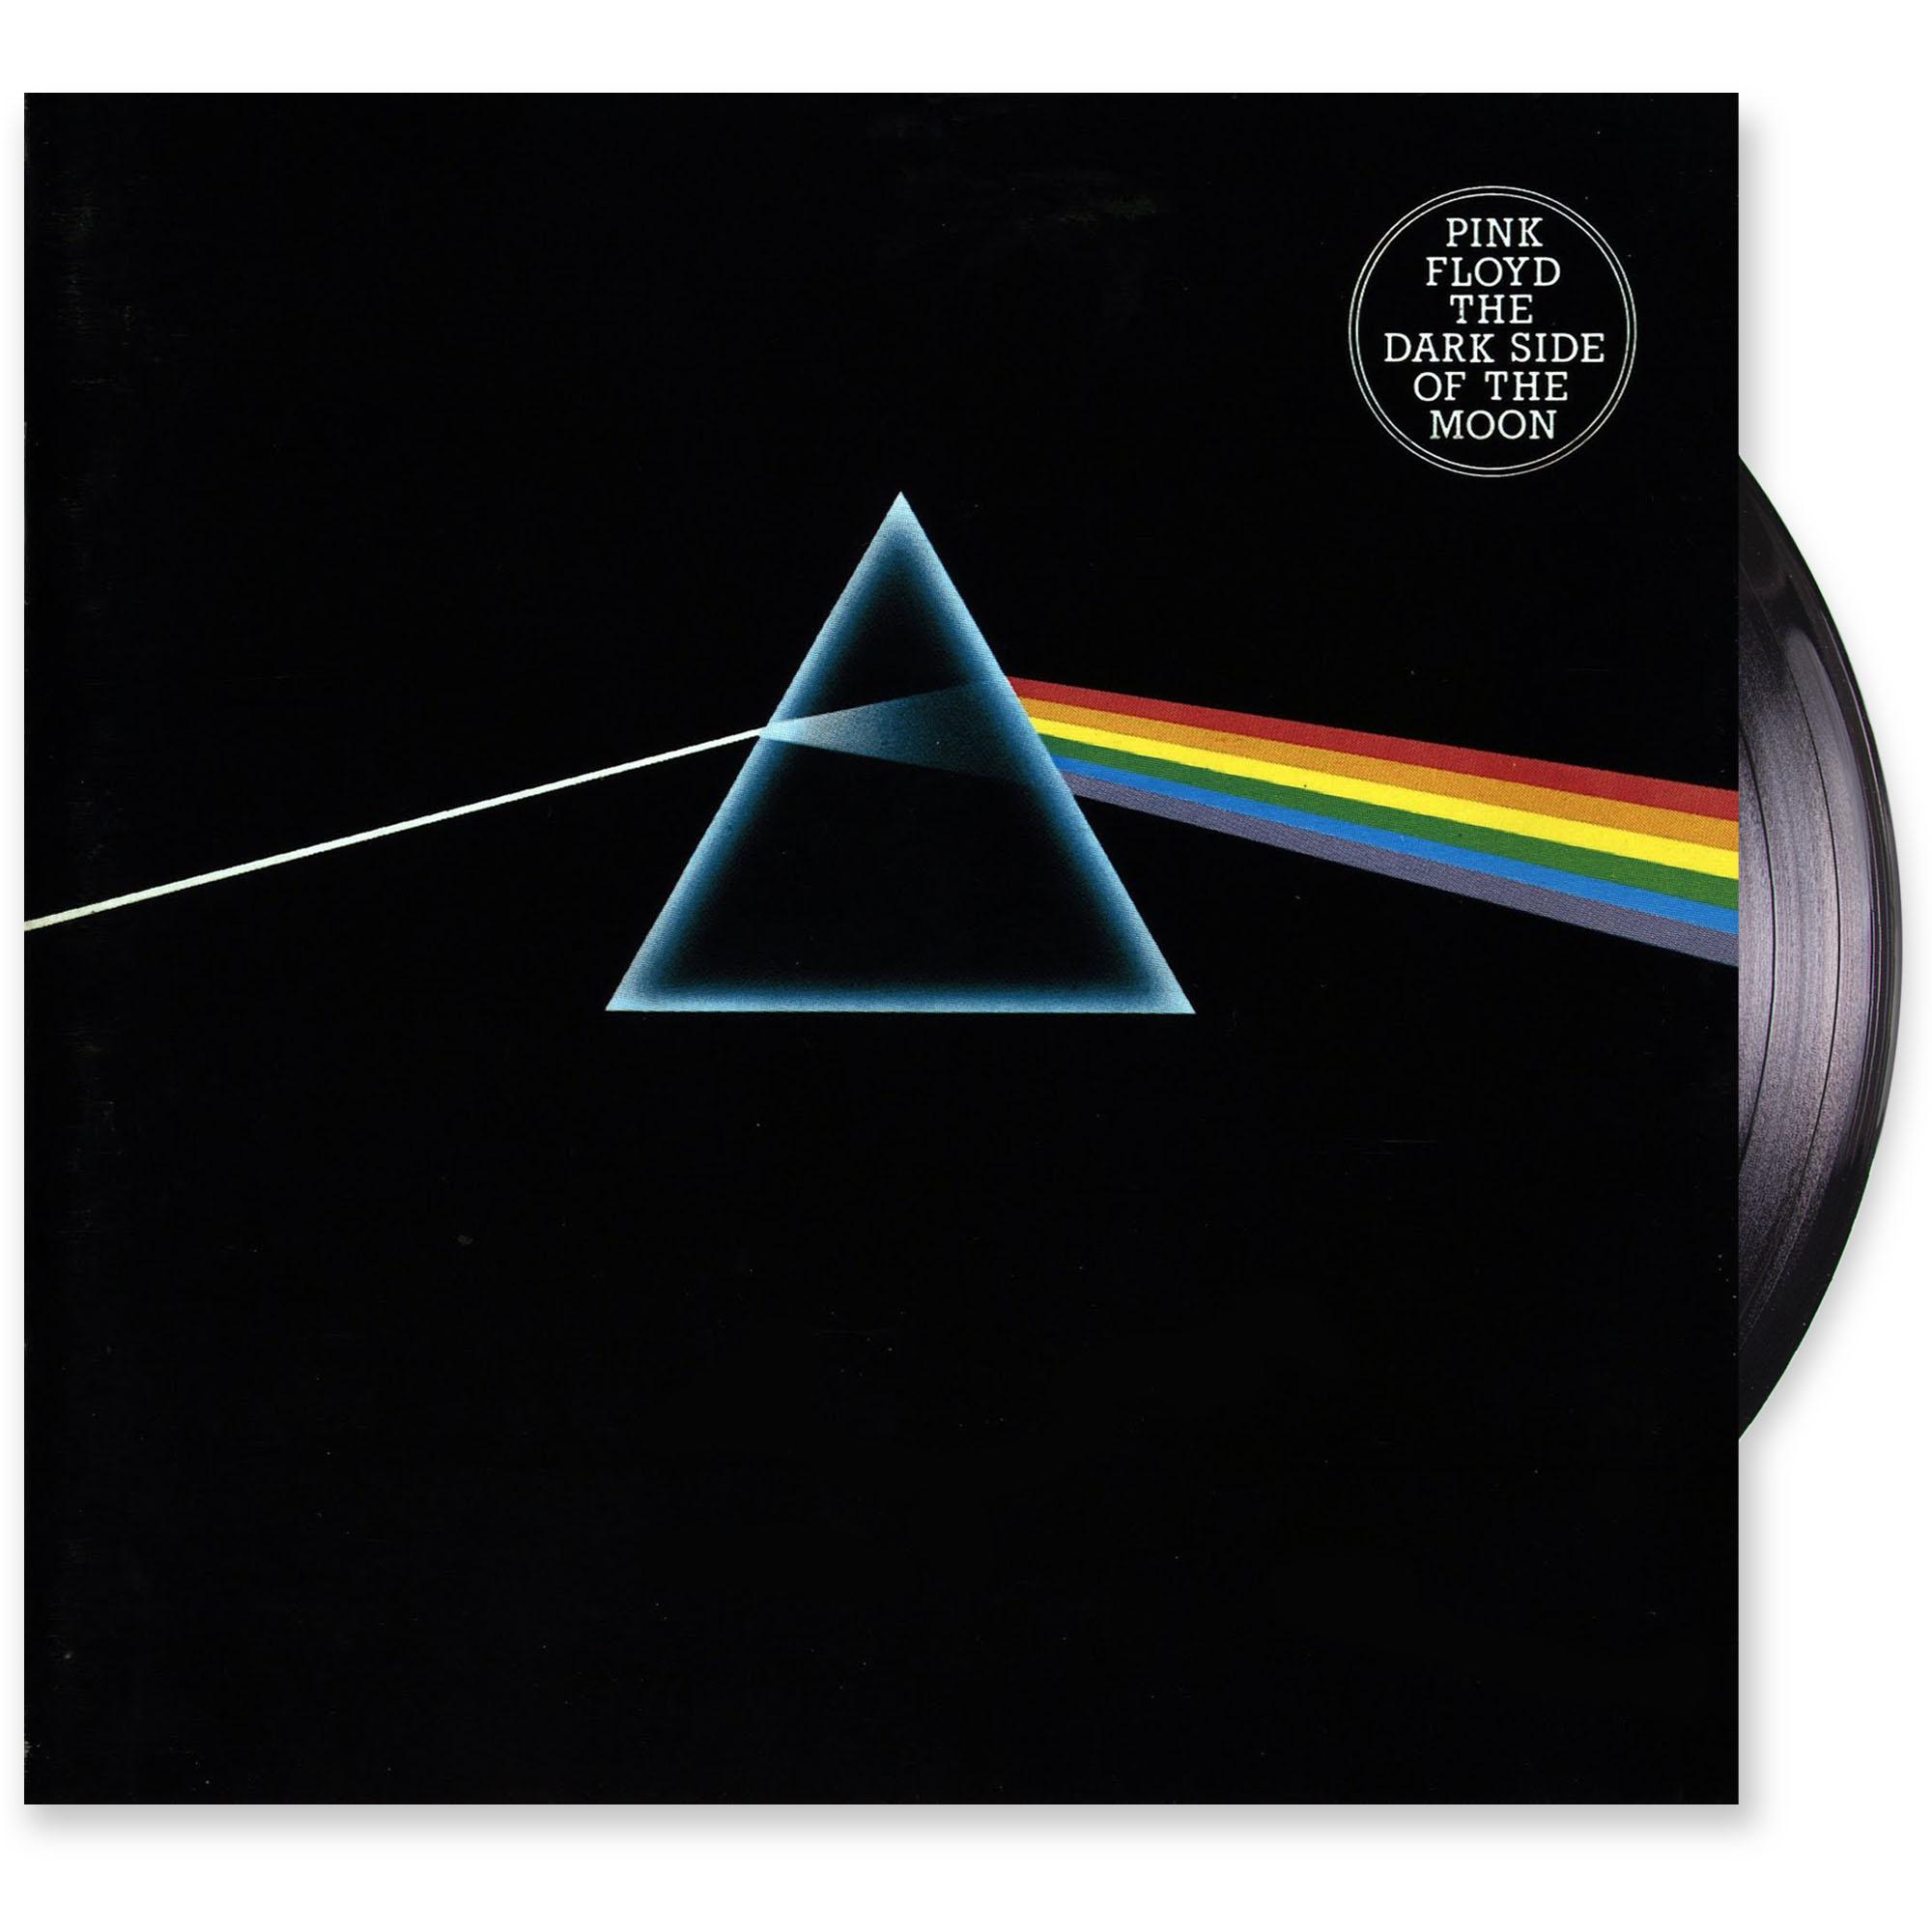 Αποτέλεσμα εικόνας για DARK SIDE OF THE MOON-Pink Floyd vinyl